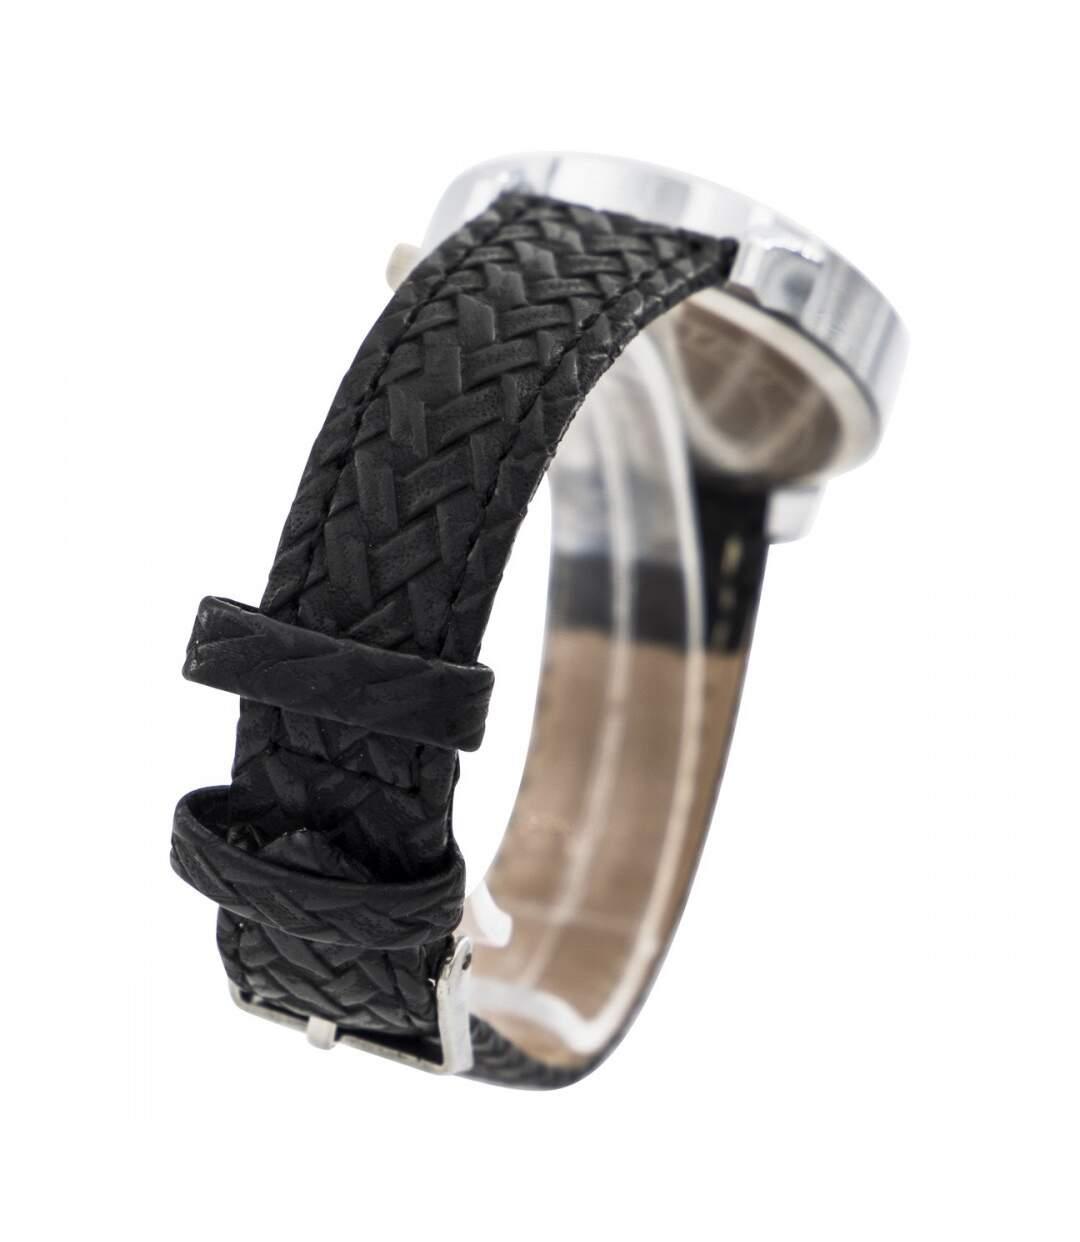 Dégagement Montre Femme CHTIME bracelet Cuir Noir dsf.d455nksdKLFHG